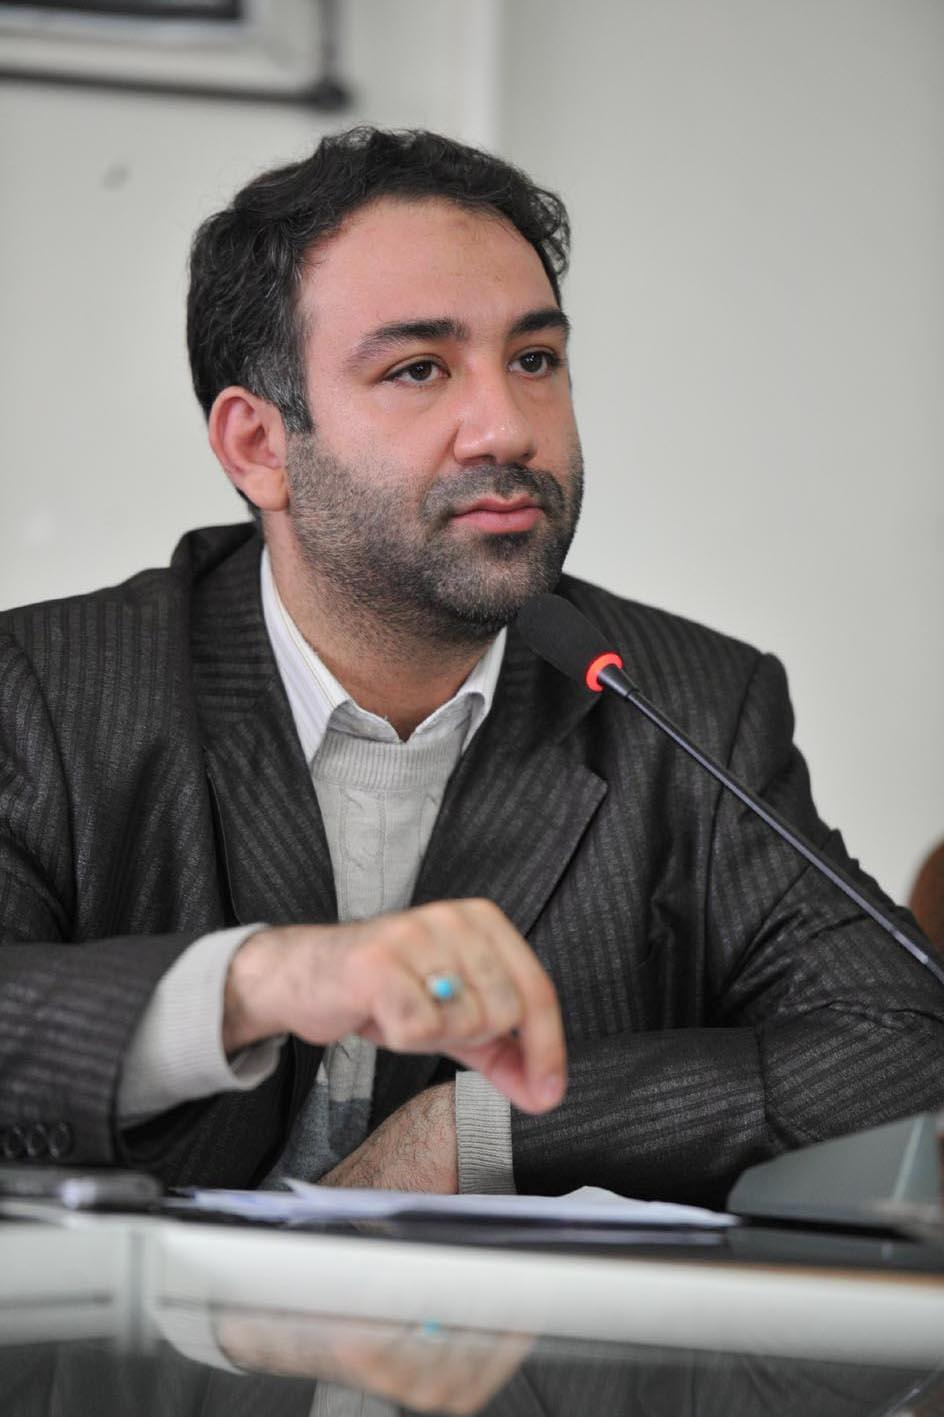 دبیر جشنواره اعلام کرد: رفع مشکلات مالی جشنواره فیلم فجر مشهد با همکاری وزارت ارشاد